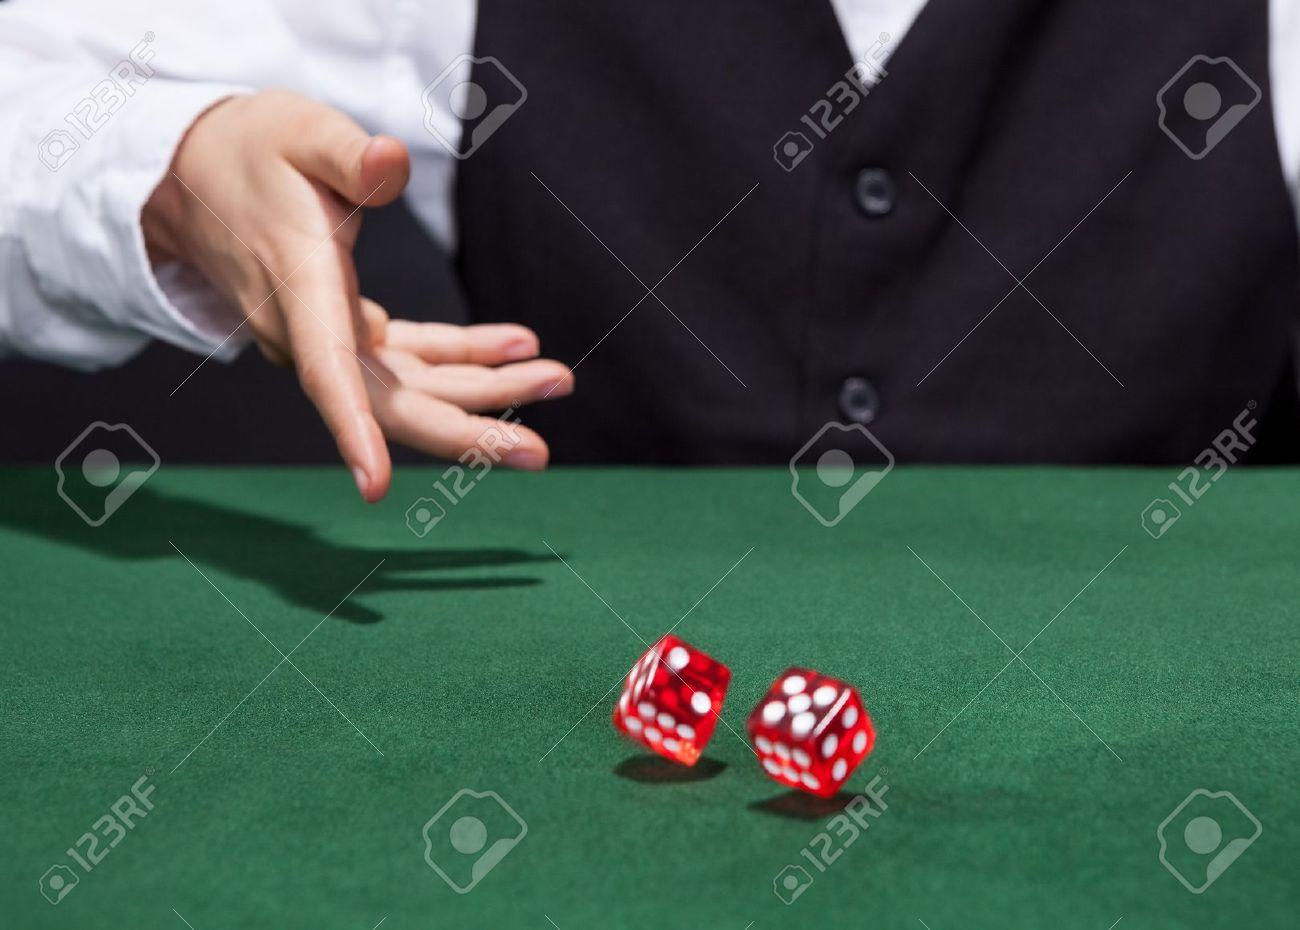 Трахнул крупье на столе в покер 7 фотография